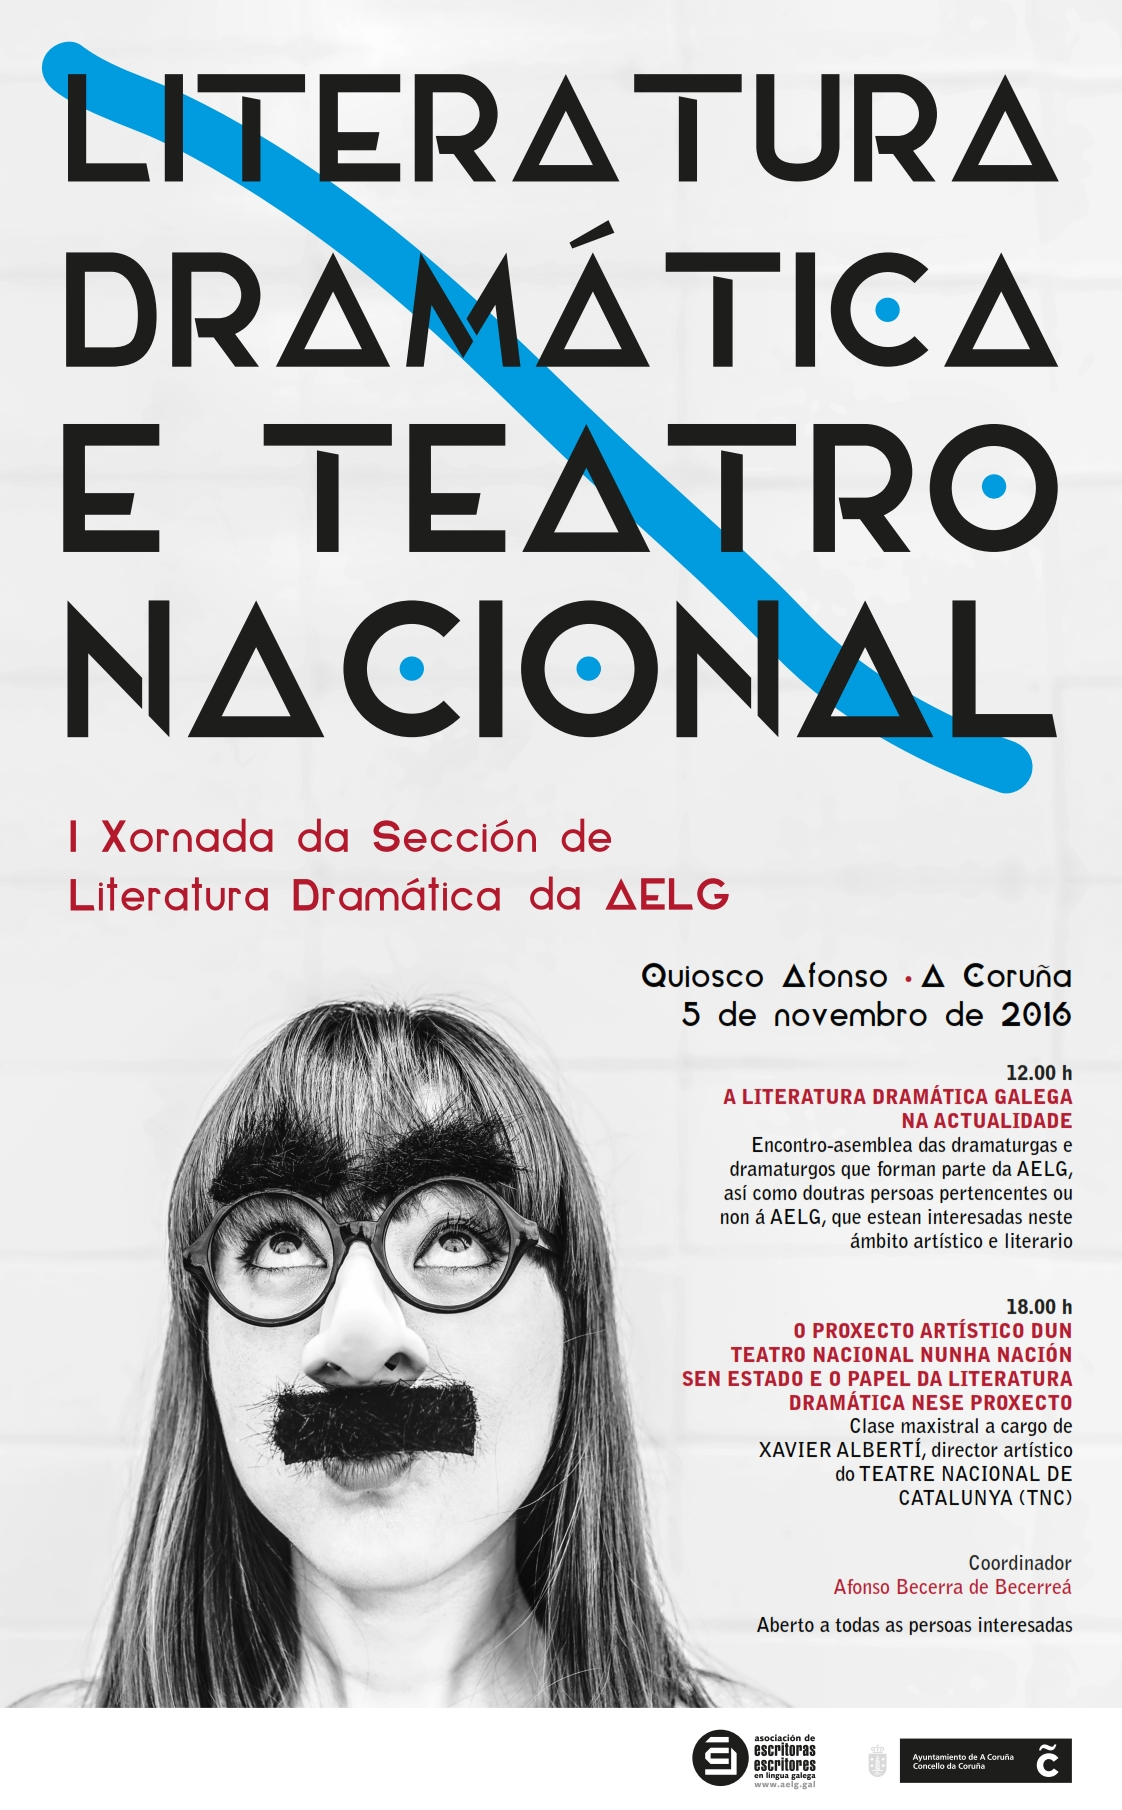 O Quiosco Alfonso acolle o evento co lema <i>Literatura Dramática e Teatro Nacional</i>